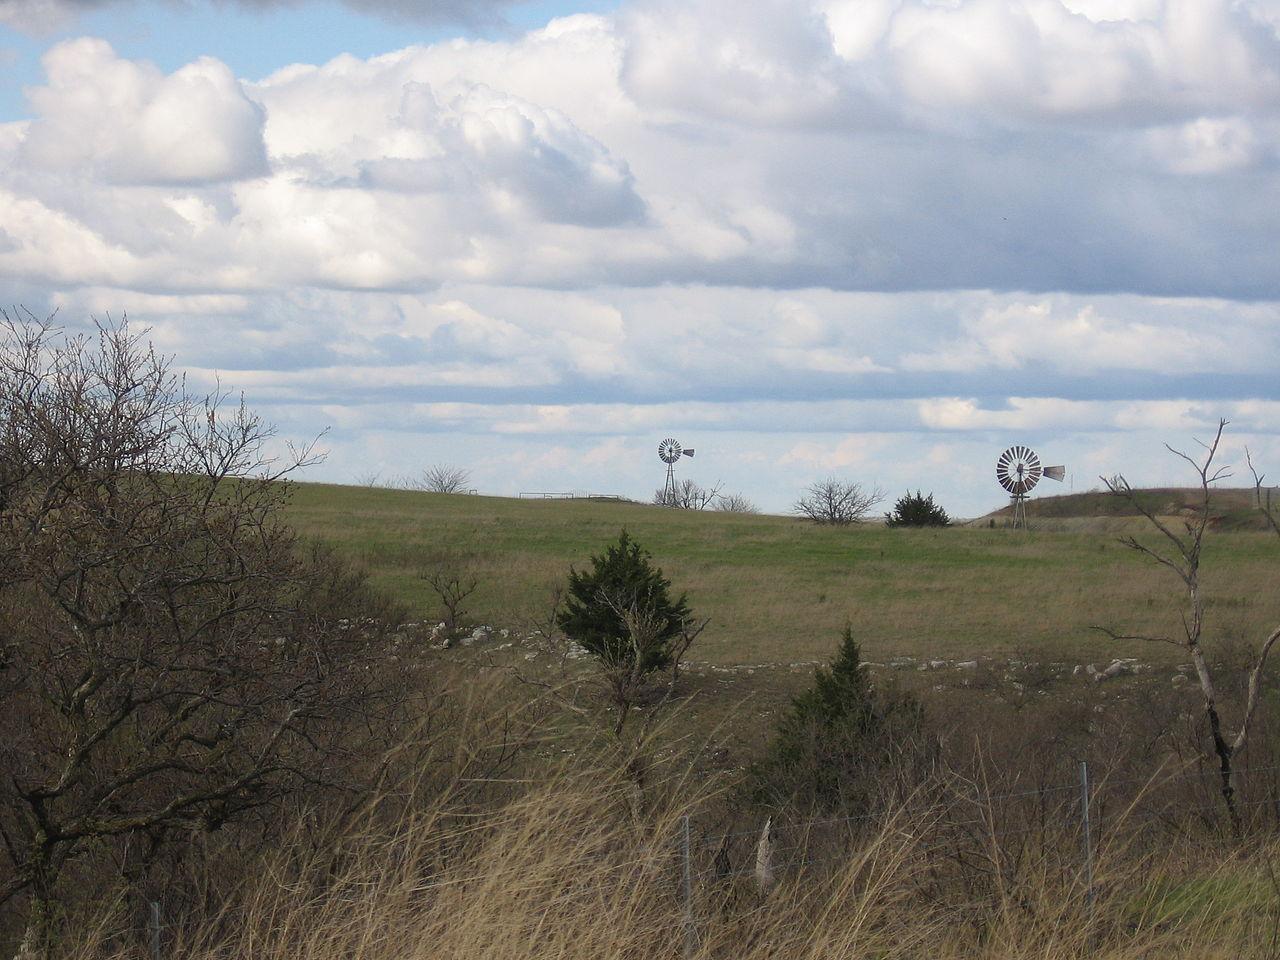 https://i0.wp.com/upload.wikimedia.org/wikipedia/commons/thumb/a/a5/Kansas_Windmills.JPG/1280px-Kansas_Windmills.JPG